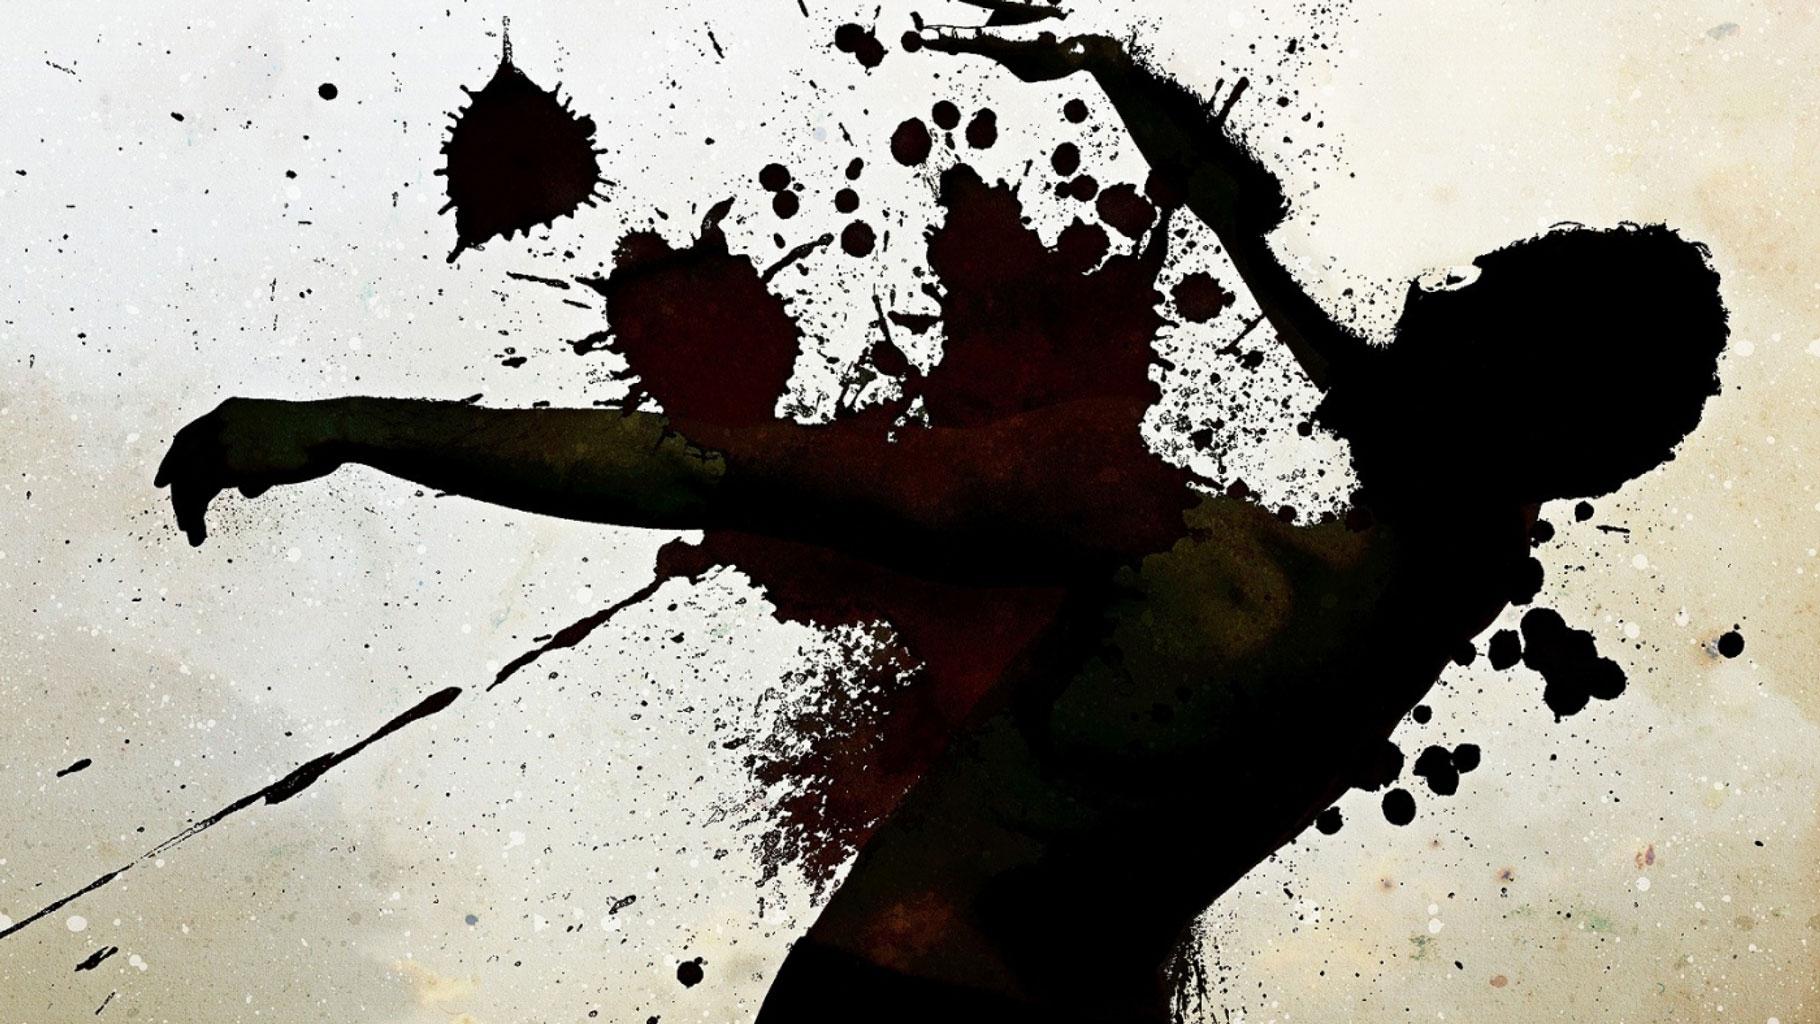 BJP Worker Shot Dead in Bengal's Krishnanagar, Party Blames TMC